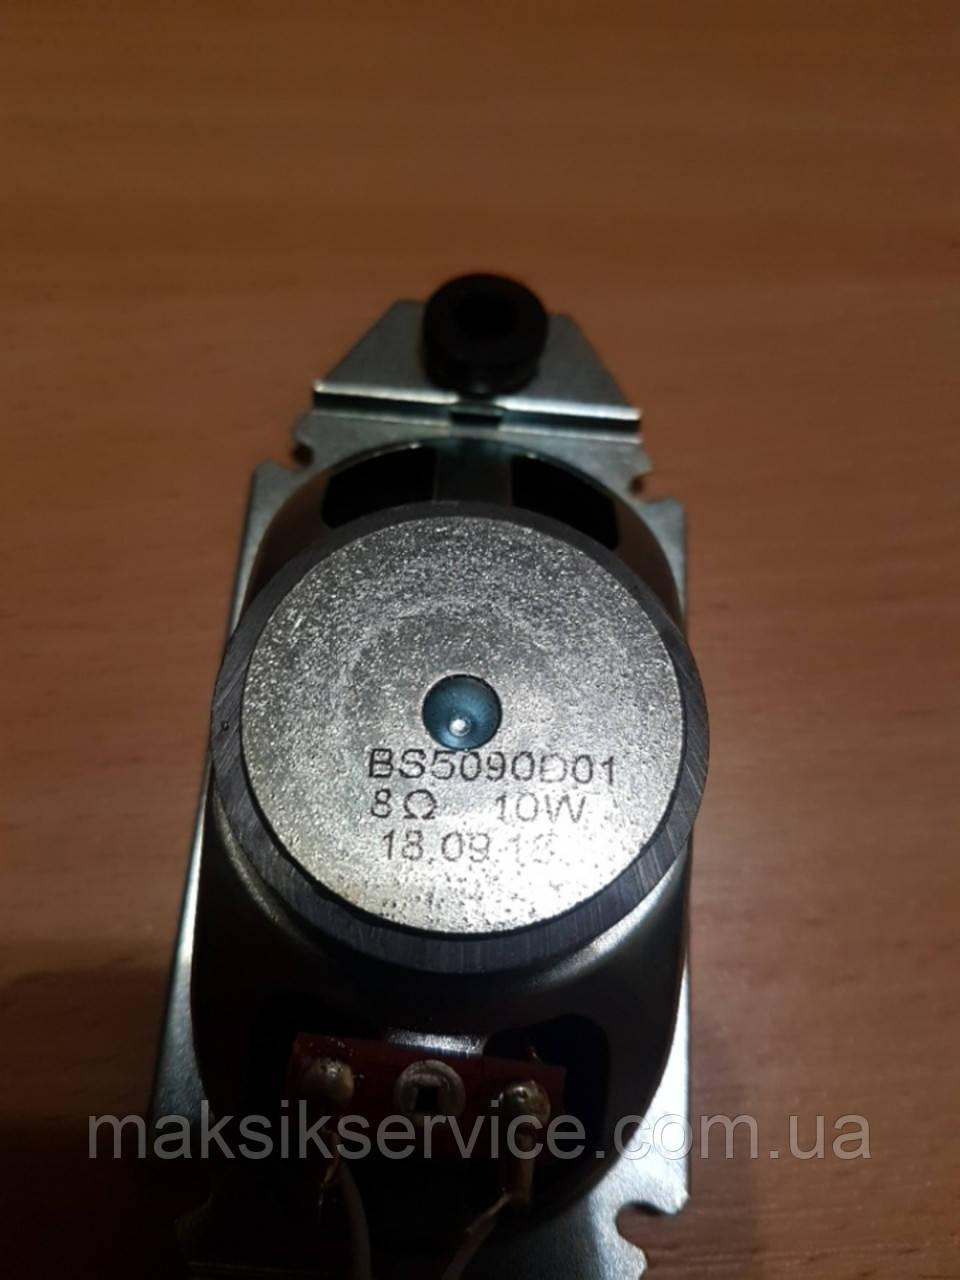 Динамики LED3218S BS5090D01 8Ом 10Вт